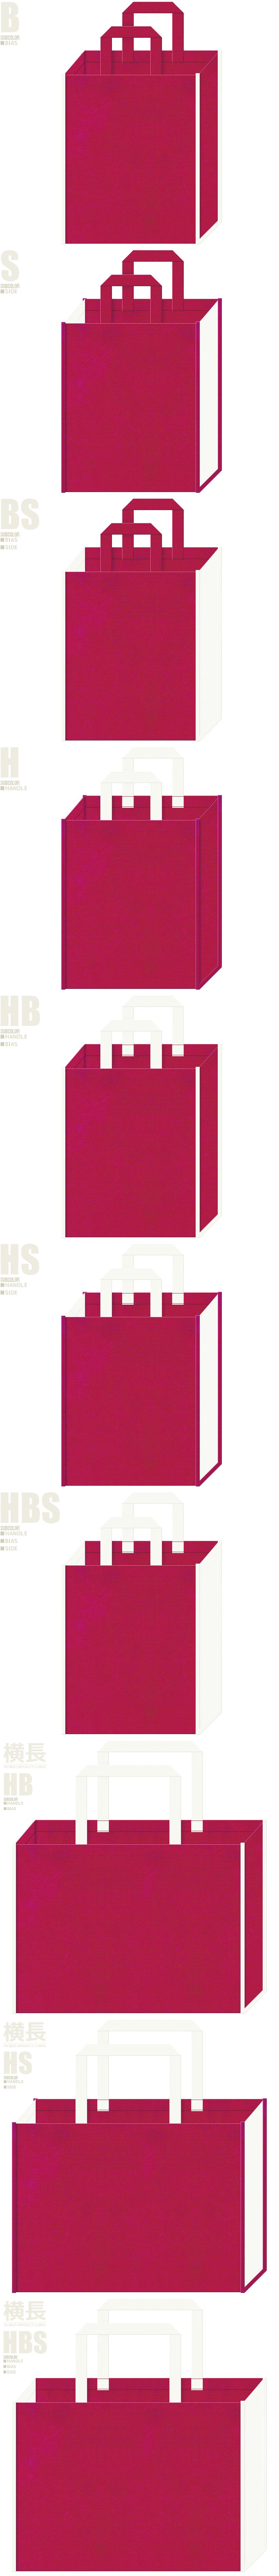 イチゴミルク・ブーケ・ウェディング・ドレス・スワン・フラミンゴ・バレエ・医療施設・病院・看護士研修にお奨めの不織布バッグデザイン:濃いピンク色とオフホワイト色の配色7パターン